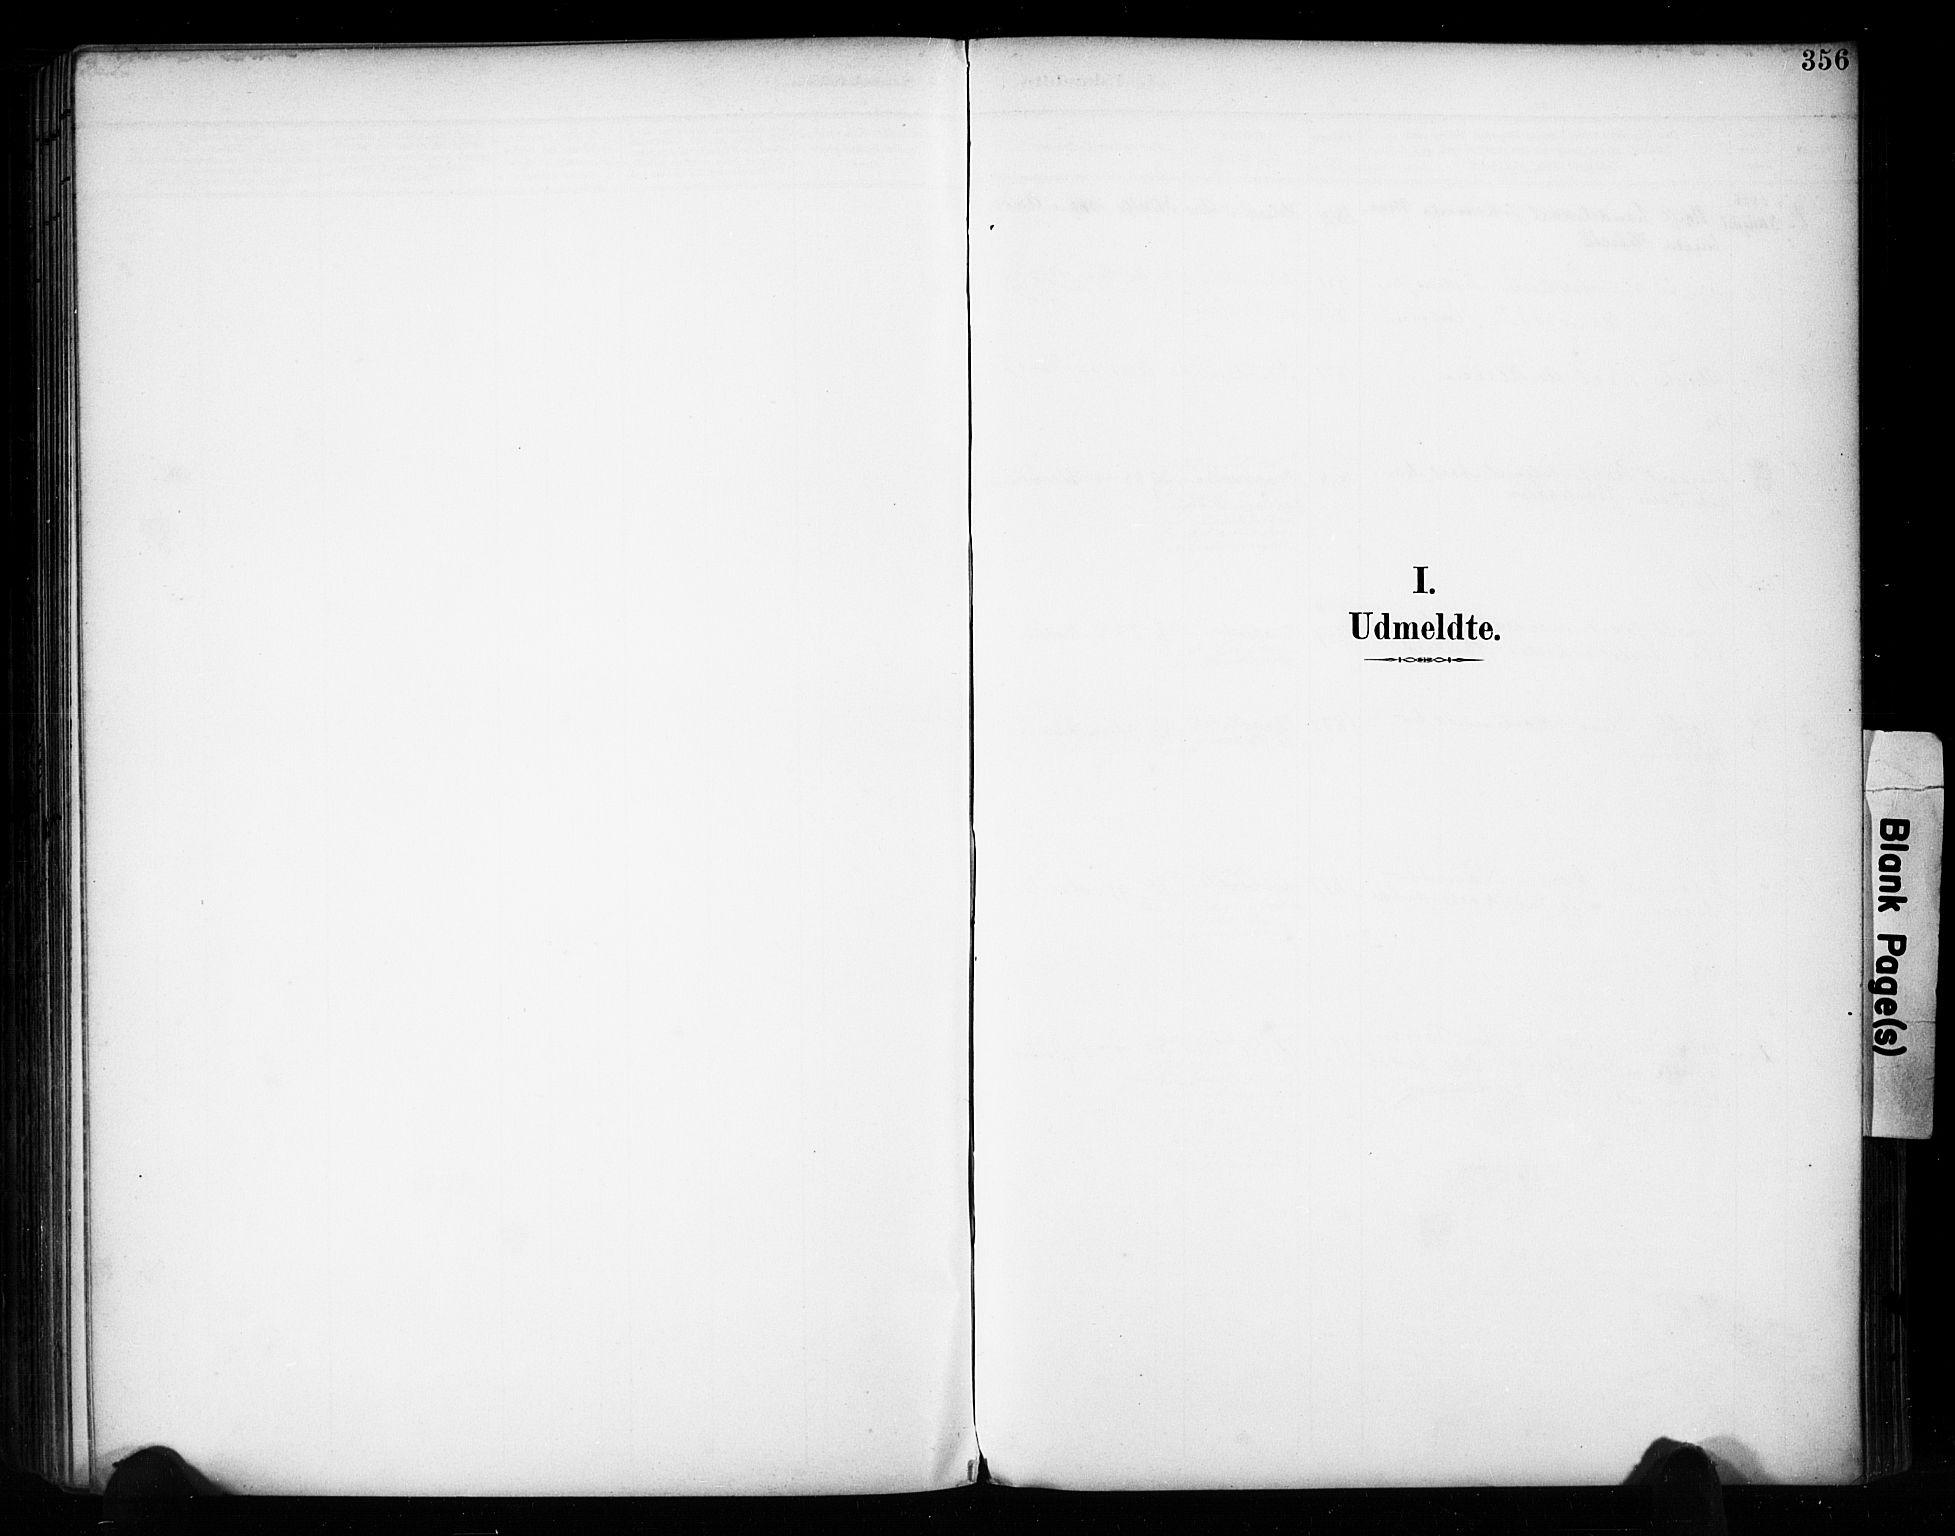 SAH, Vestre Toten prestekontor, Ministerialbok nr. 11, 1895-1906, s. 356